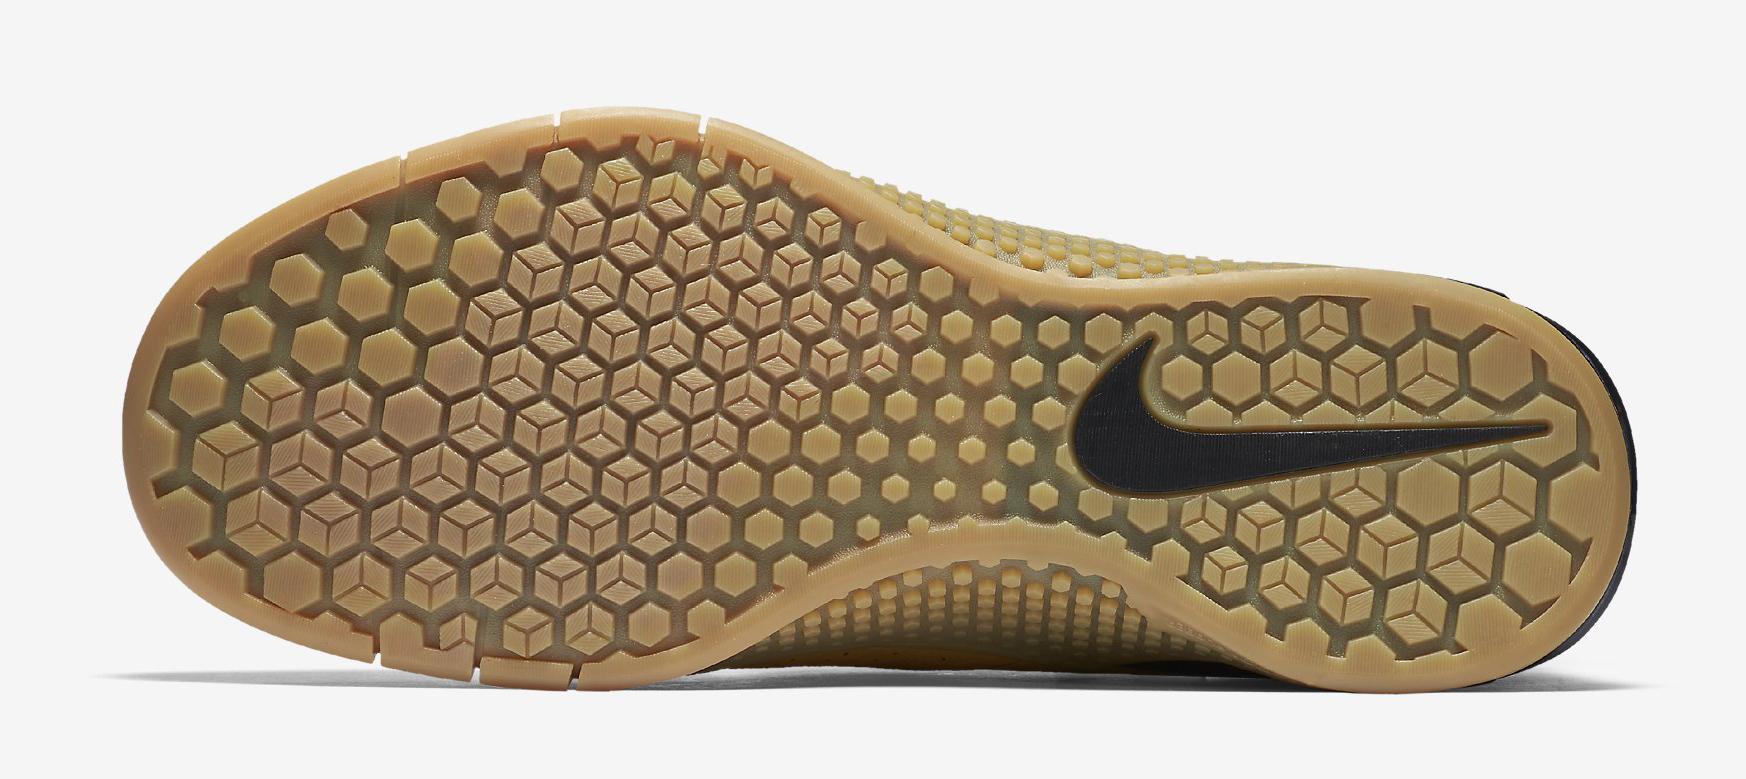 Nike Metcon 2 Wheat 819899-702 Sole